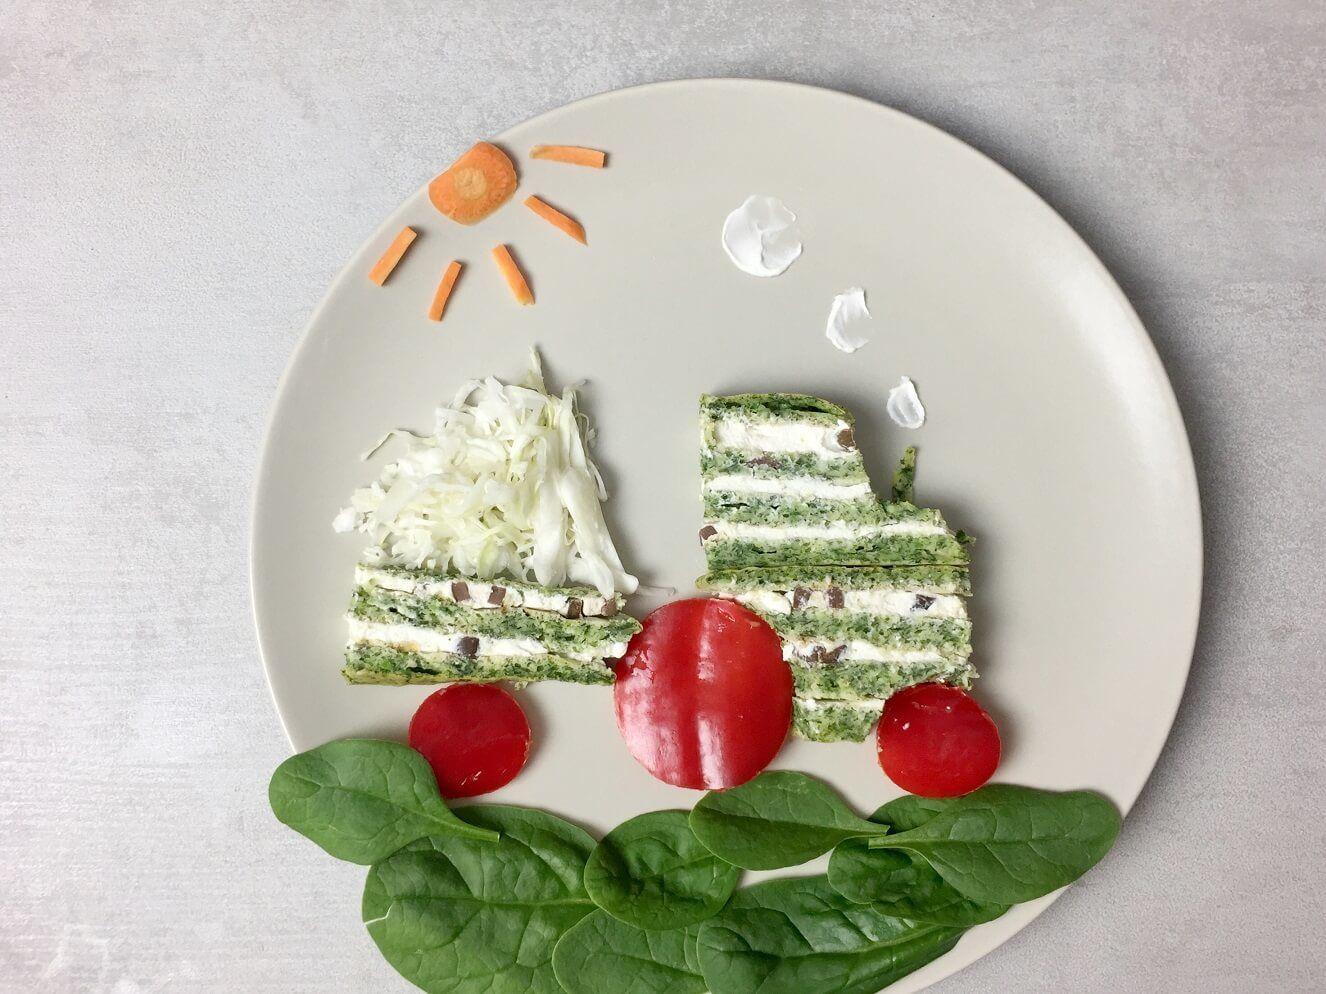 slana torta-slavsko predjelo-slana torta sa spanaćem-predjelo-kanapei-zalogajčići-recept-baby spanać-jelo-klub zdravih navika-iceberg salat centar